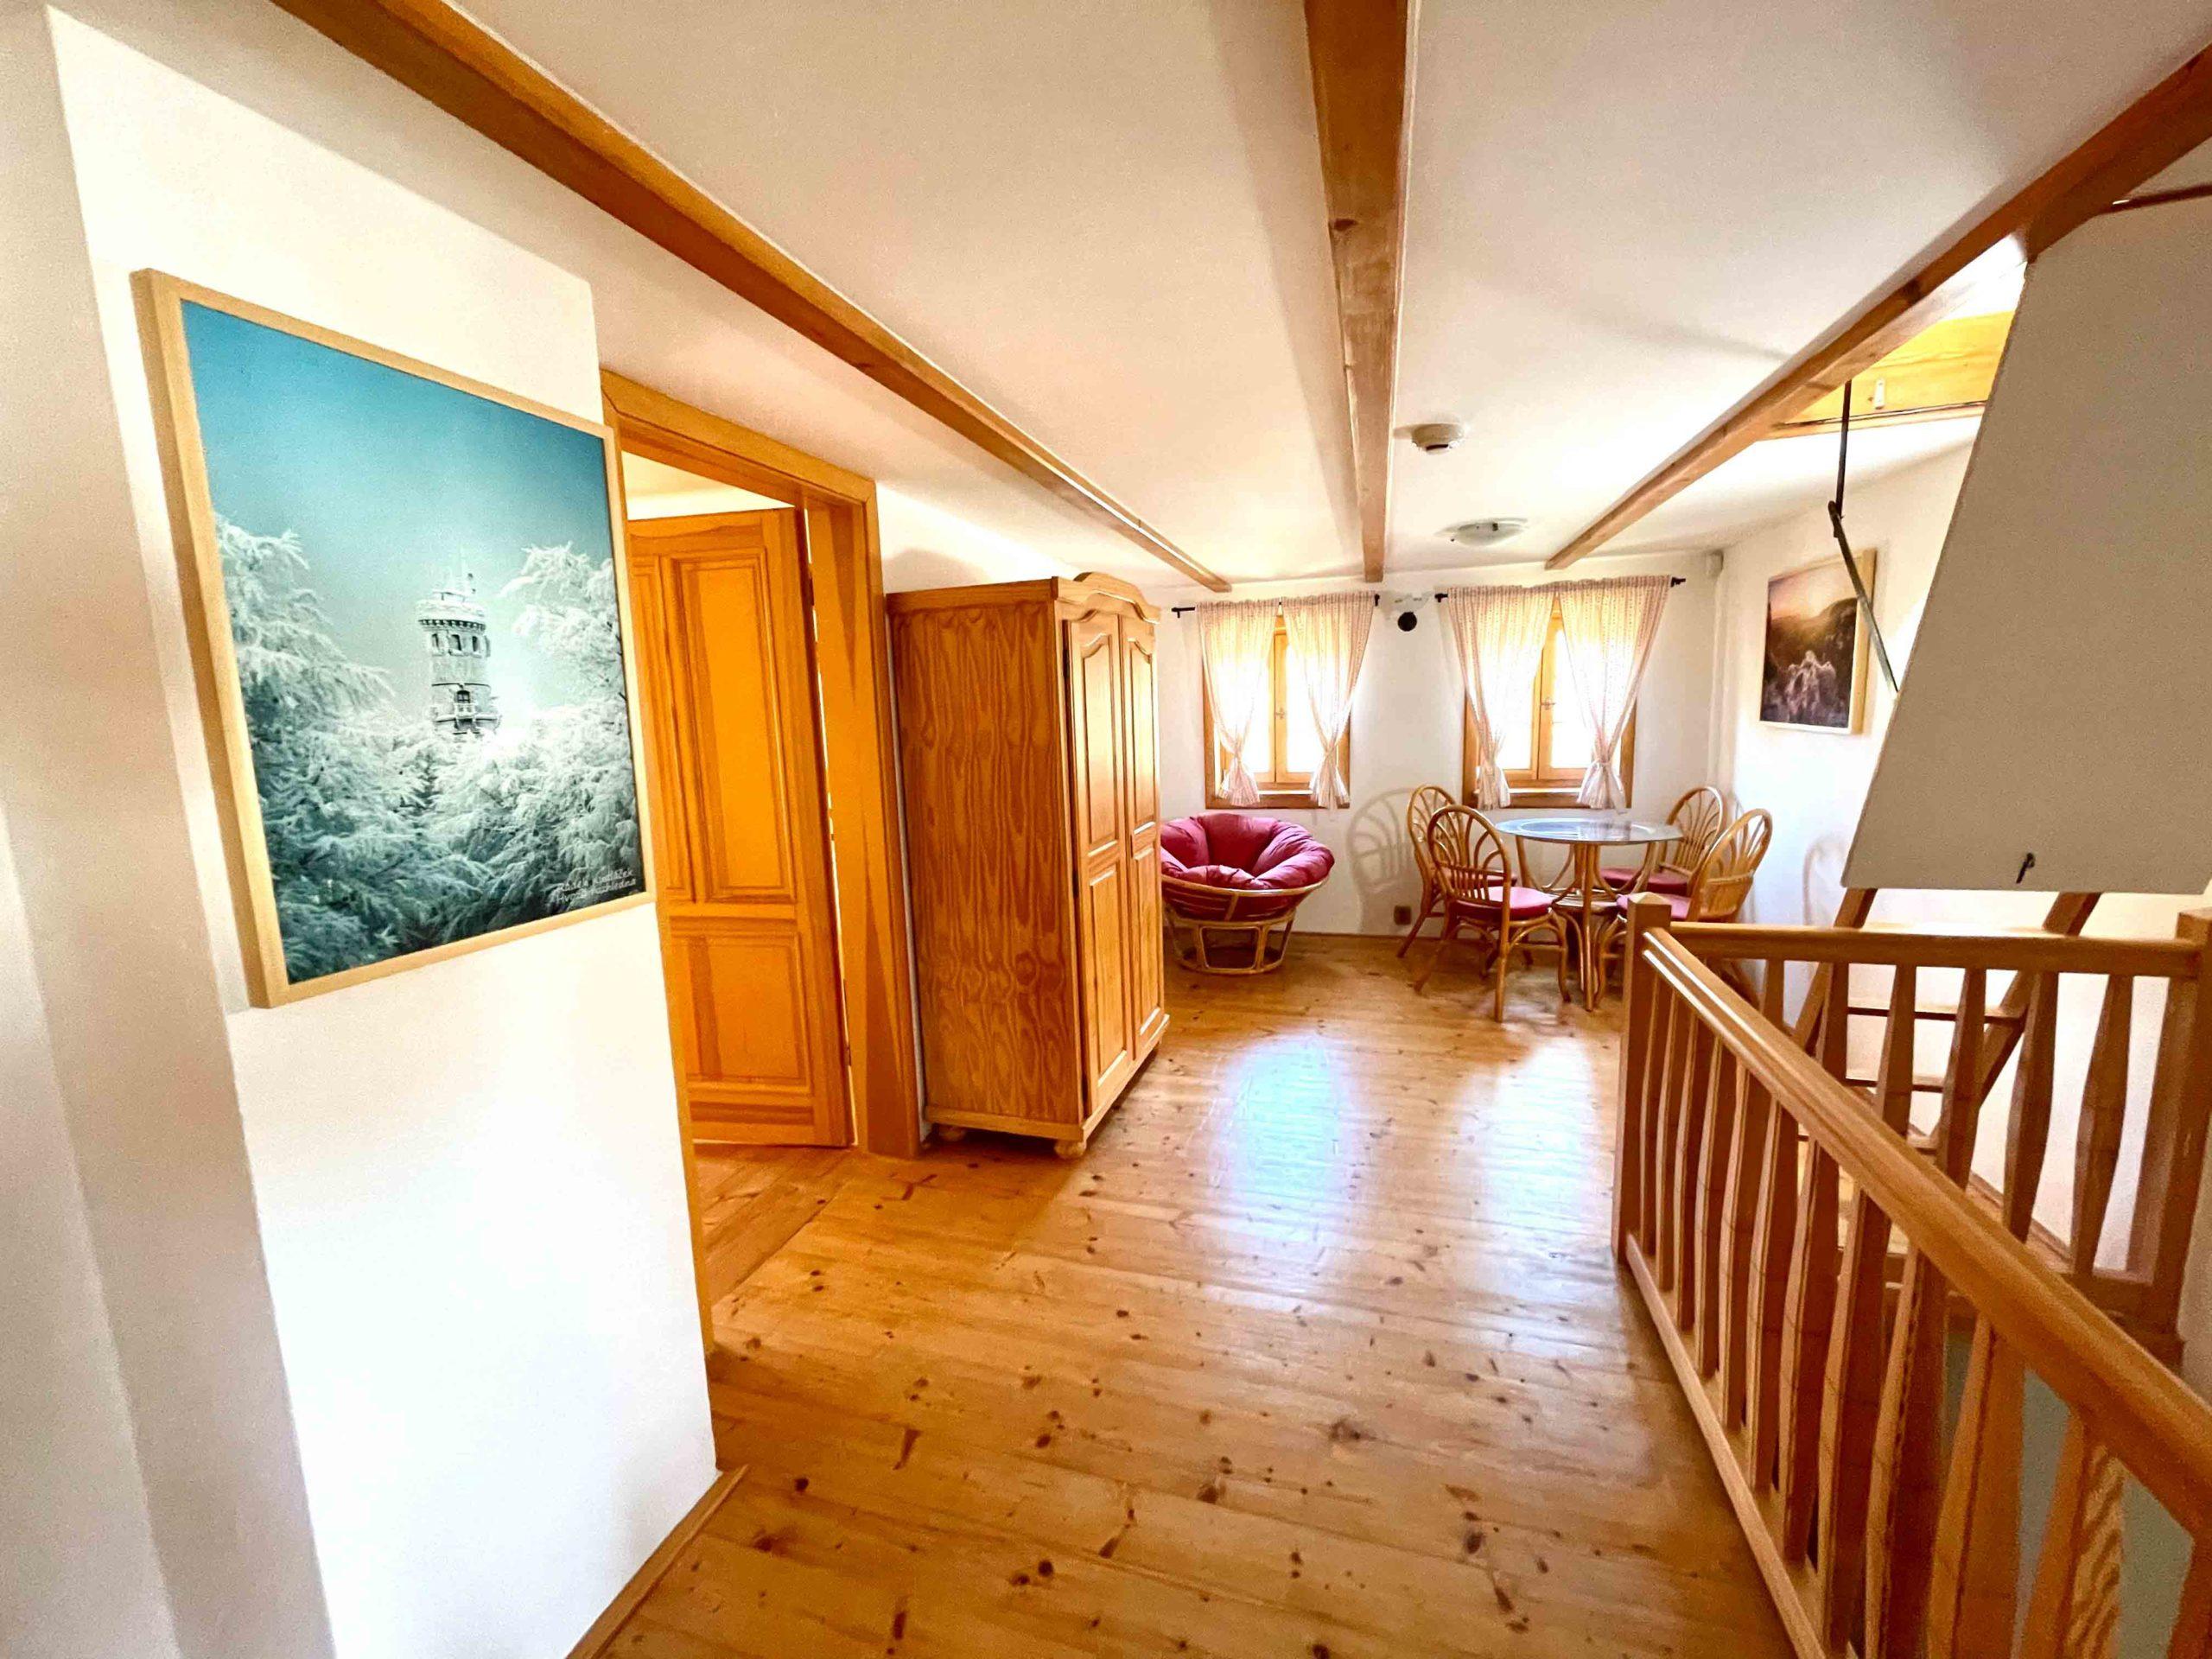 Chodba ve 2. patře s dveřmi do obou ložnic a společným posezením.